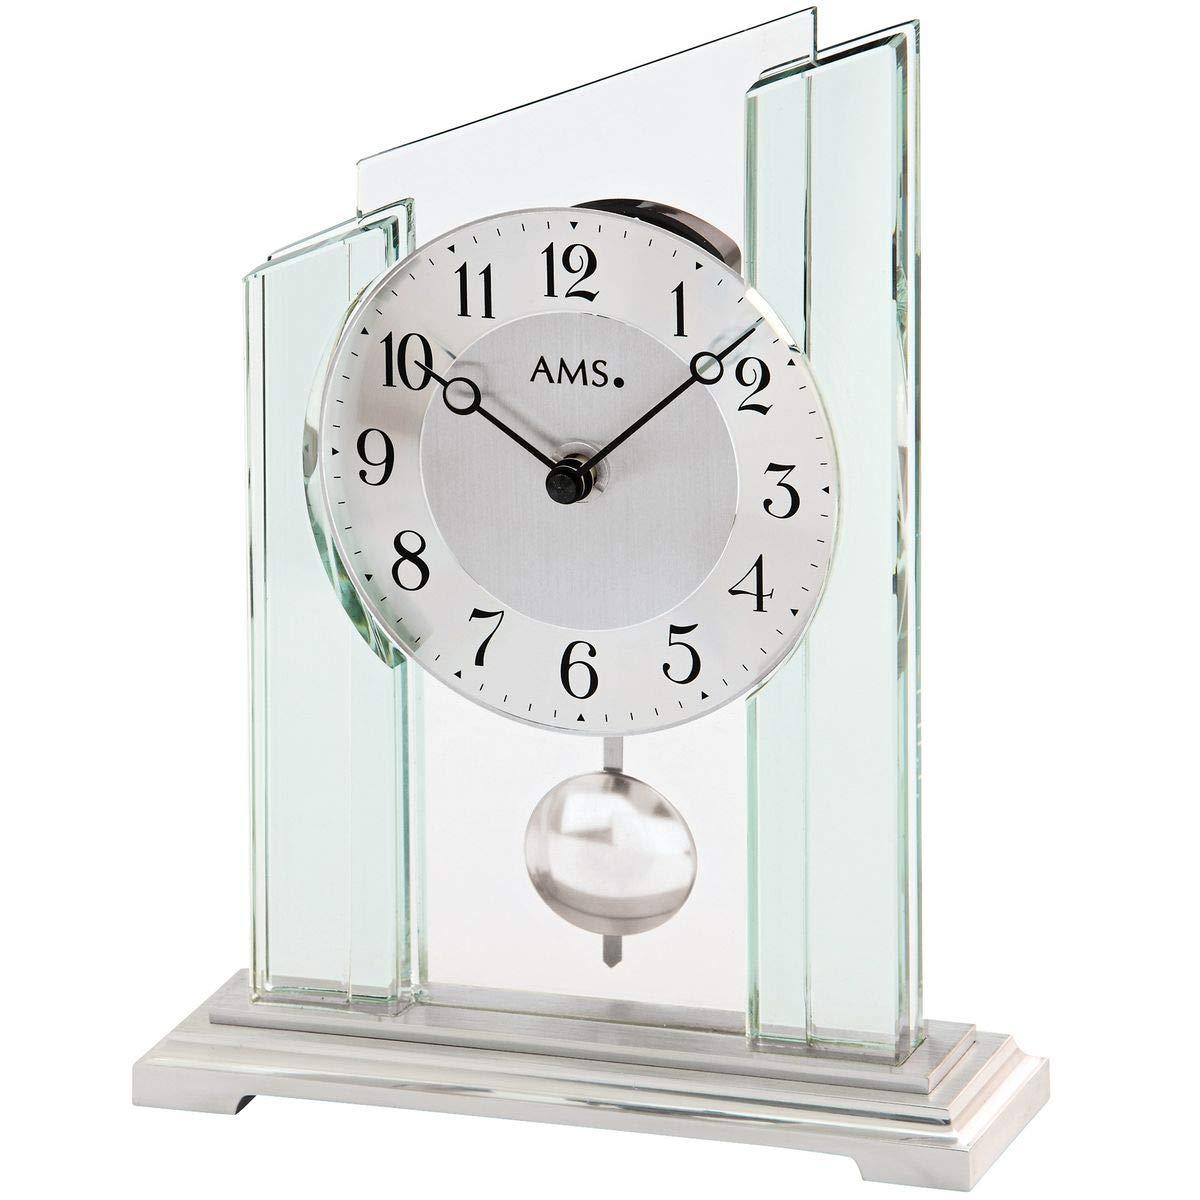 Unbekannt Ams Tischuhr Tischuhr Tischuhr Pendeluhr Quarzuhr mit Pendel Mineralglasgehäuse auf Metallsockel 2b579e